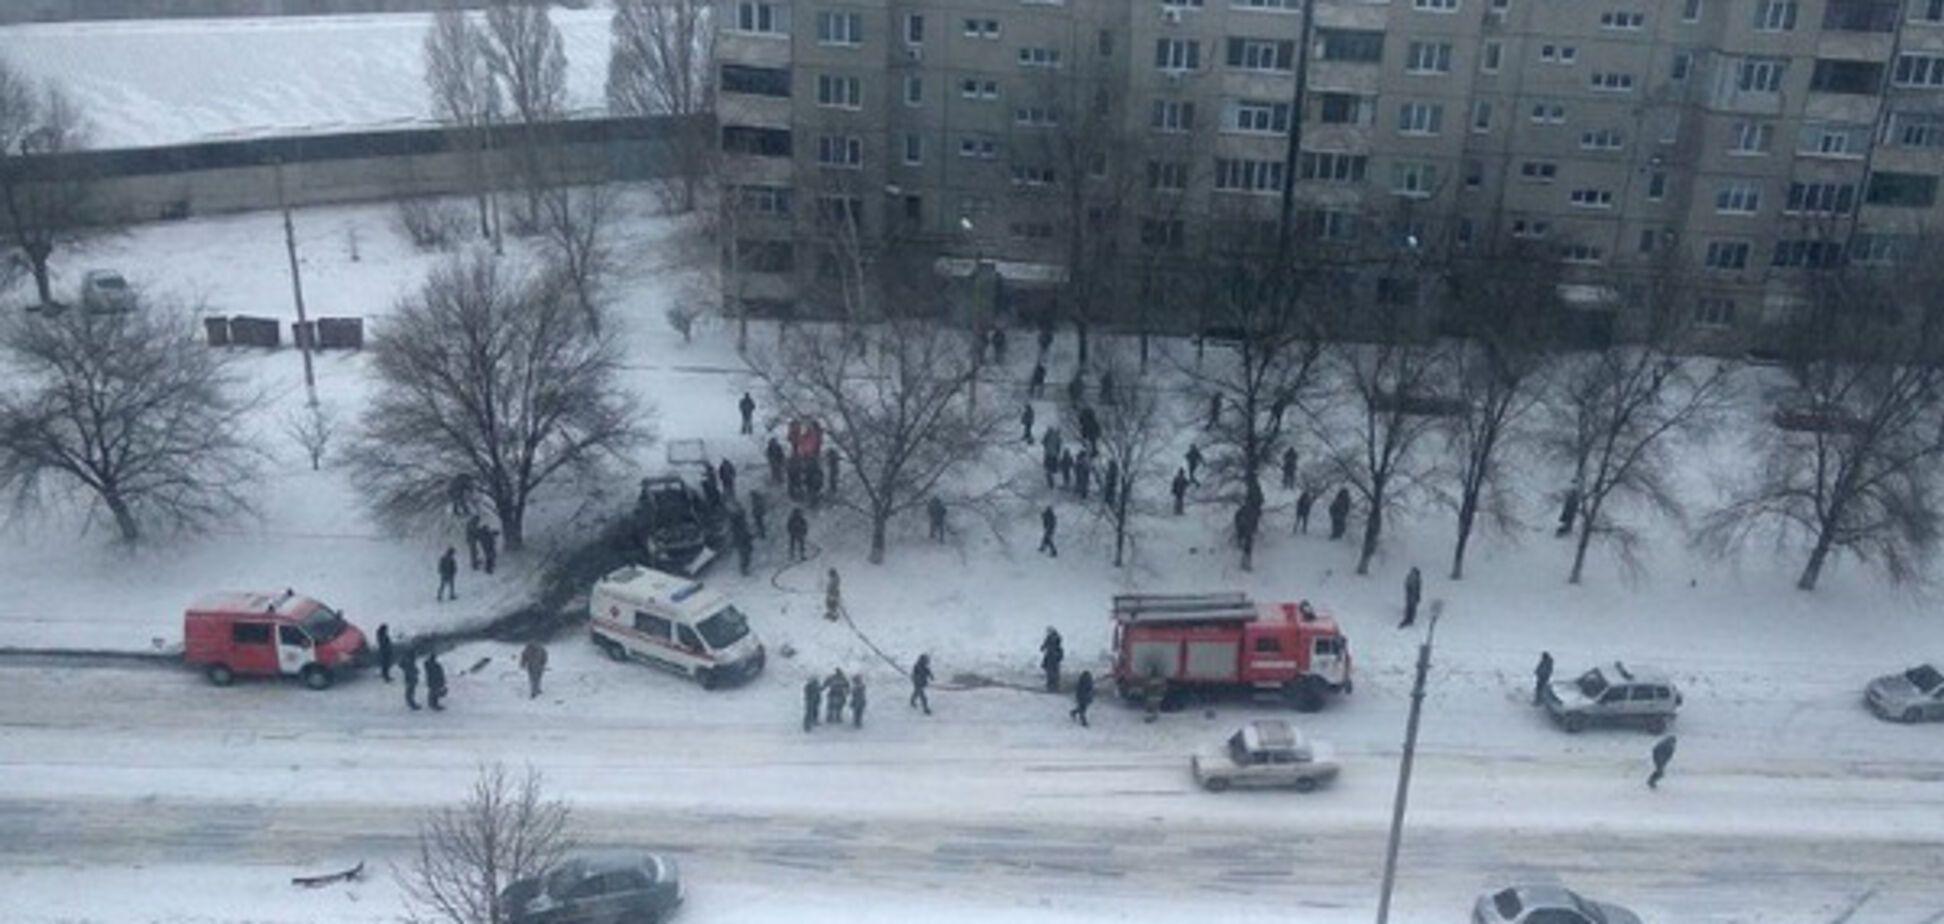 Взрыв авто в Луганске: названо имя погибшего главаря 'ЛНР'